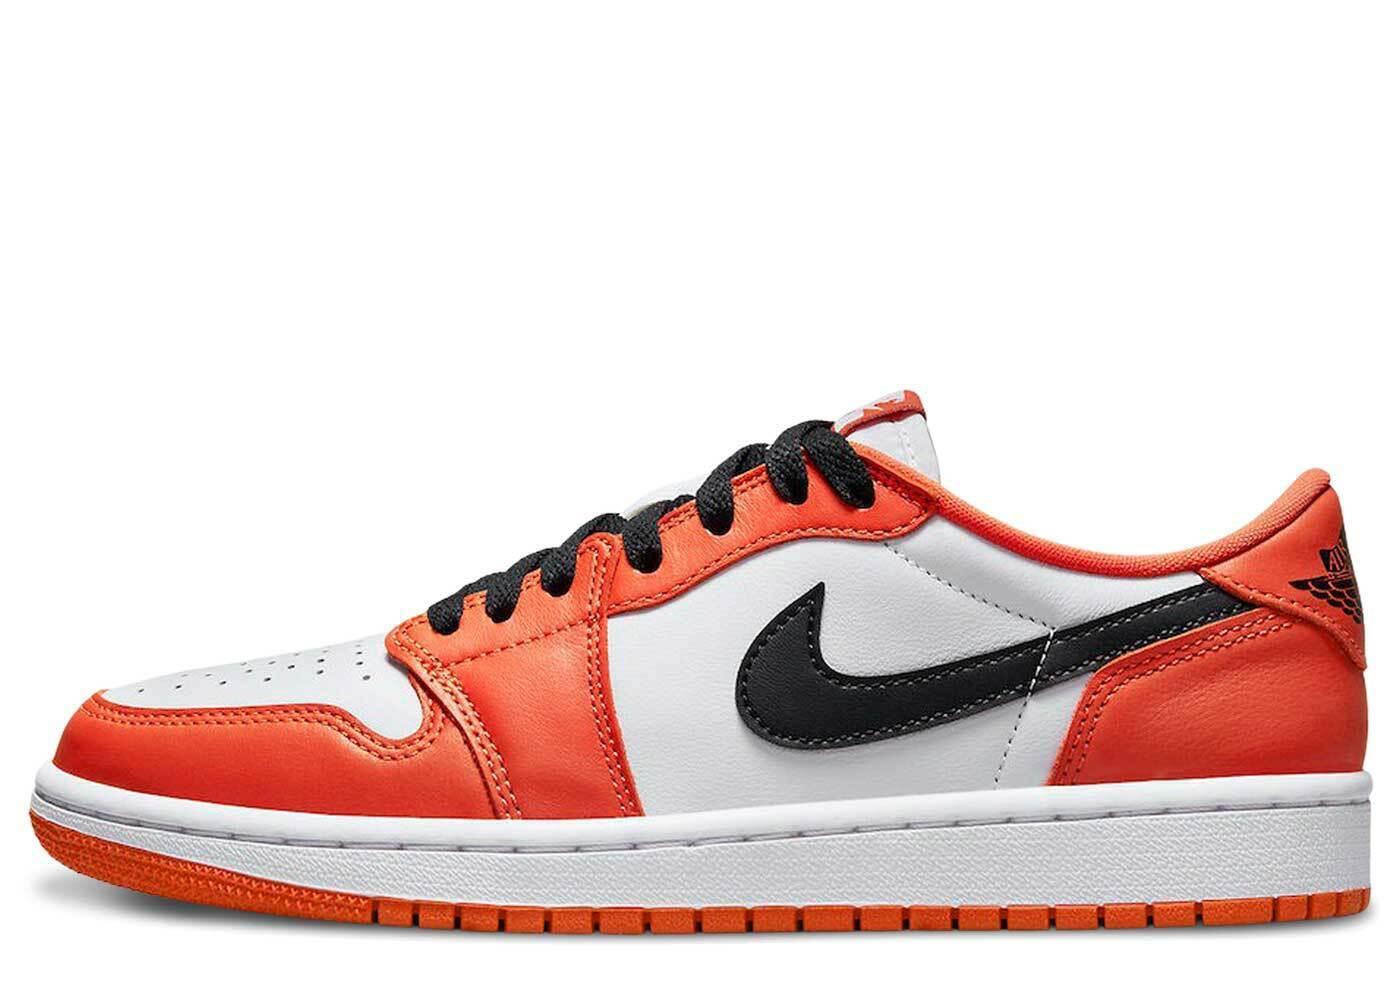 Nike Air Jordan 1 Low OG Starfishの写真